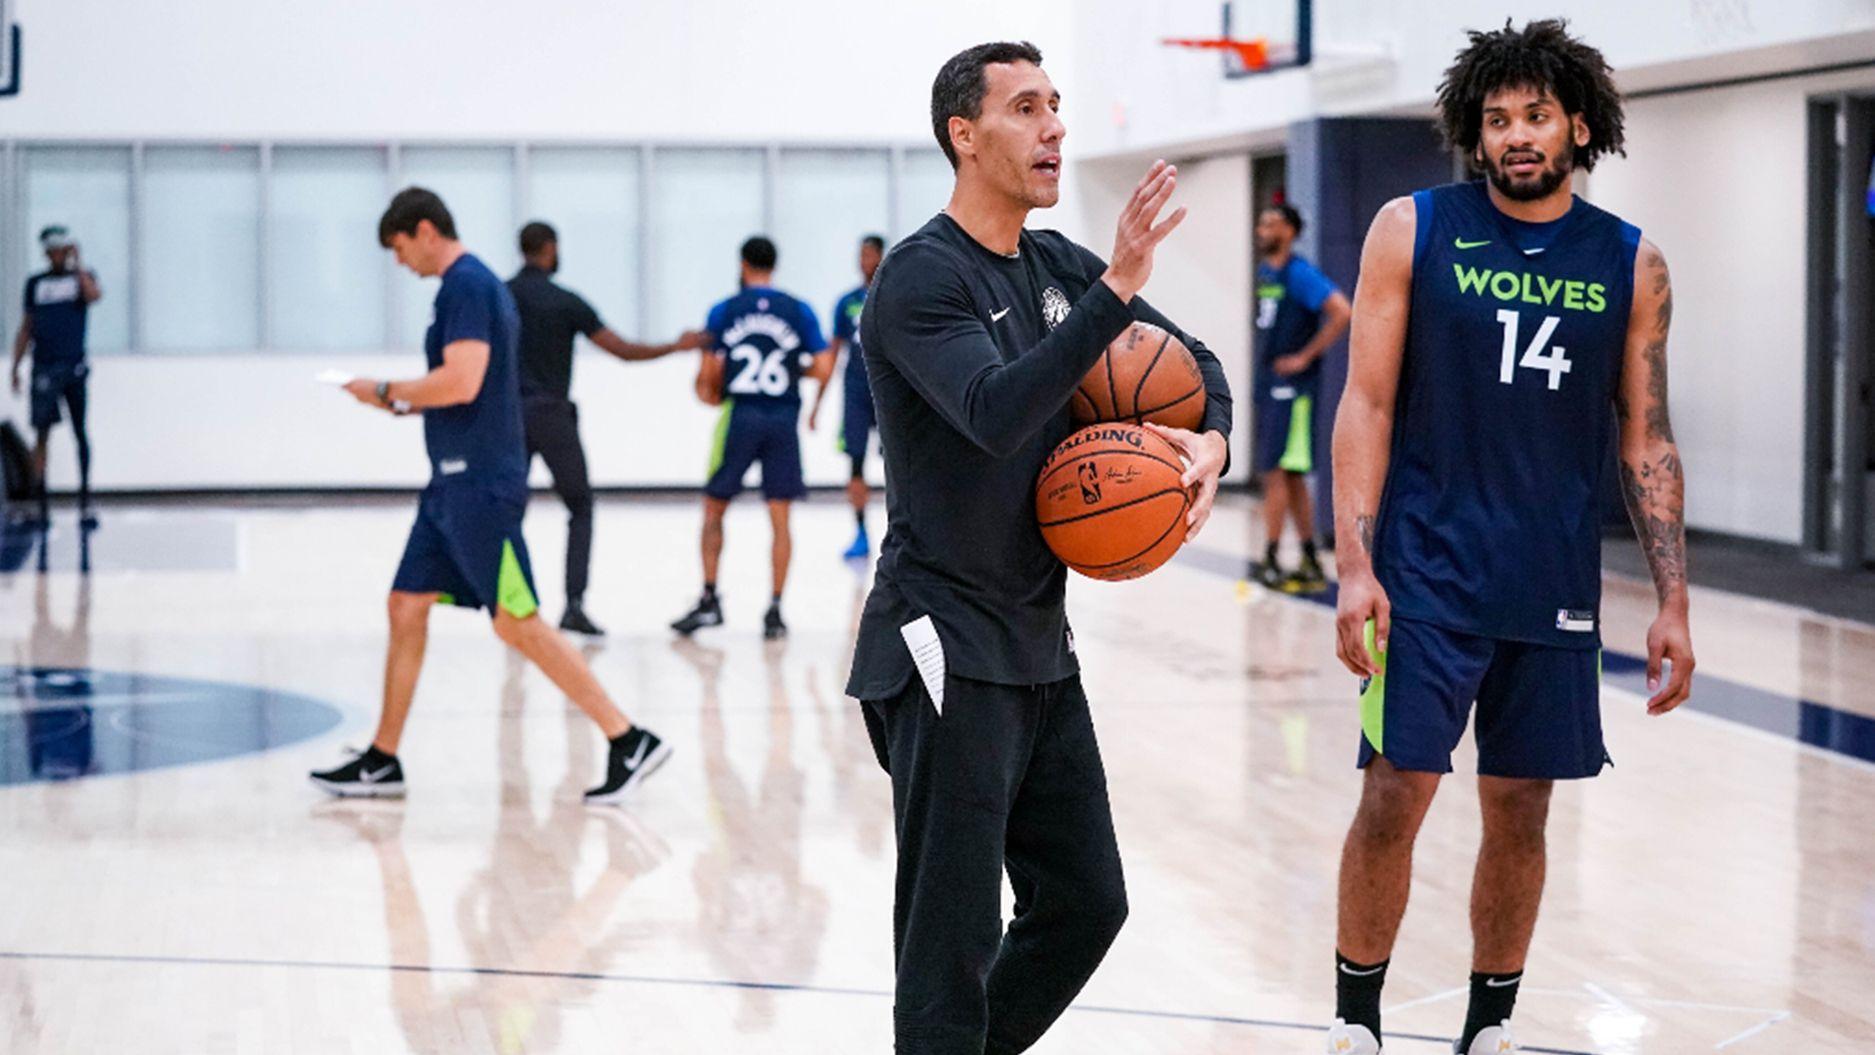 Prigioni es uno de los asistentes técnicos en Minnesota, otro de los posibles destinos de Campazzo en la NBA (Cody Sharrett / Timberwolves)